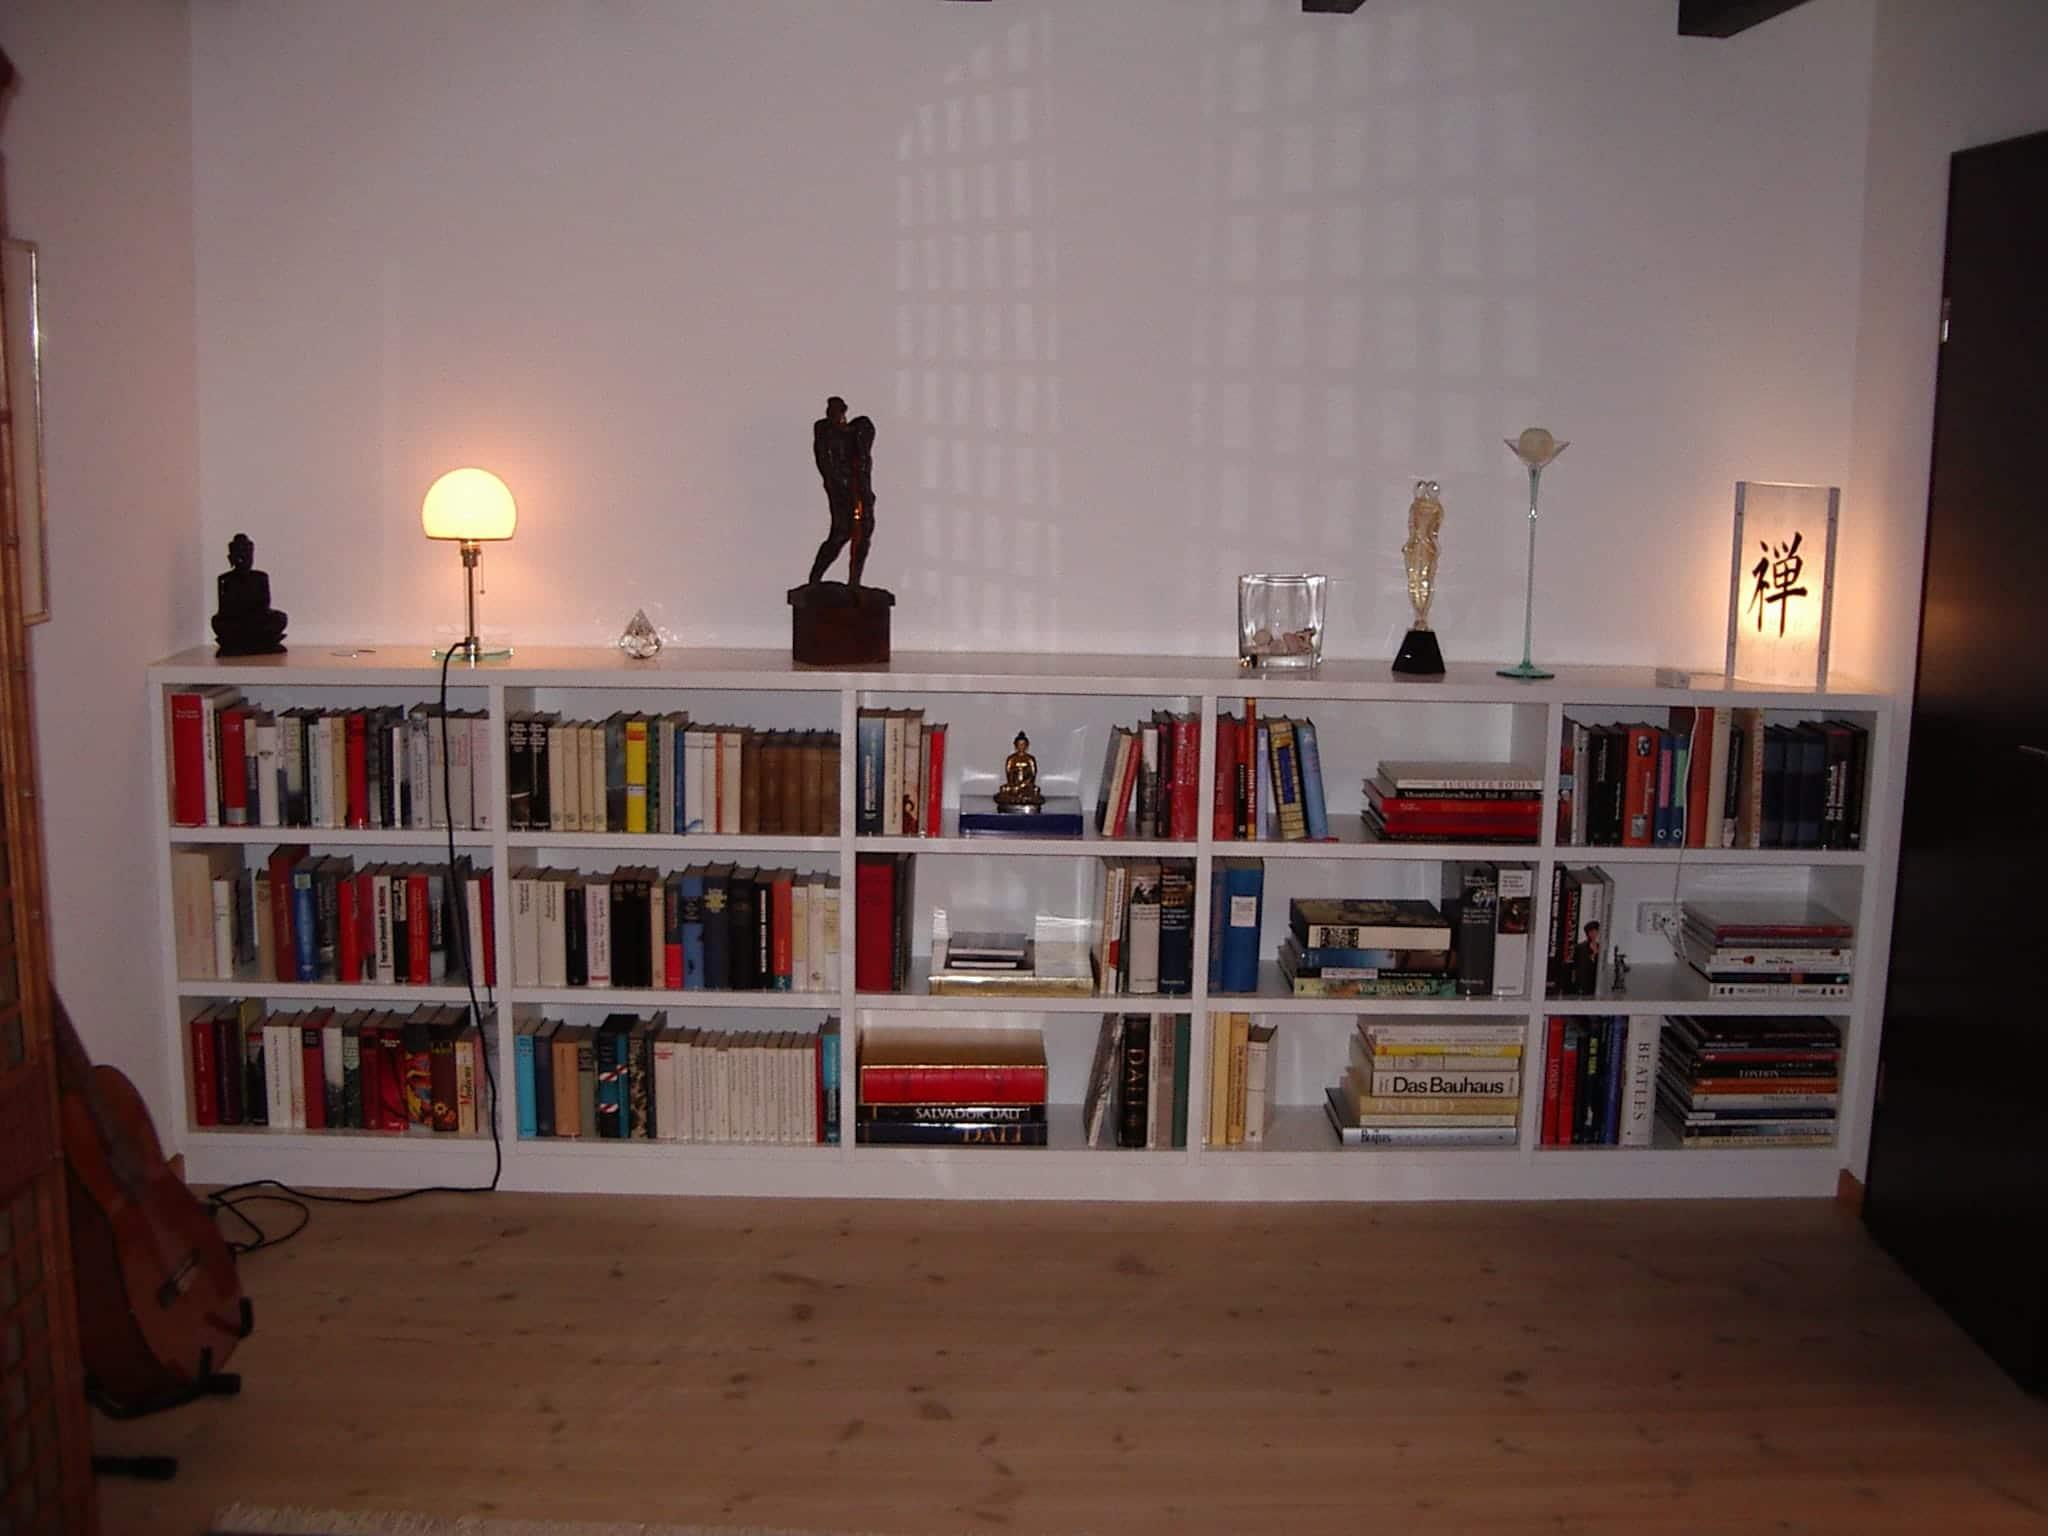 tischlerei-hanses-essen-moebel-handwerk-wohnraum-6